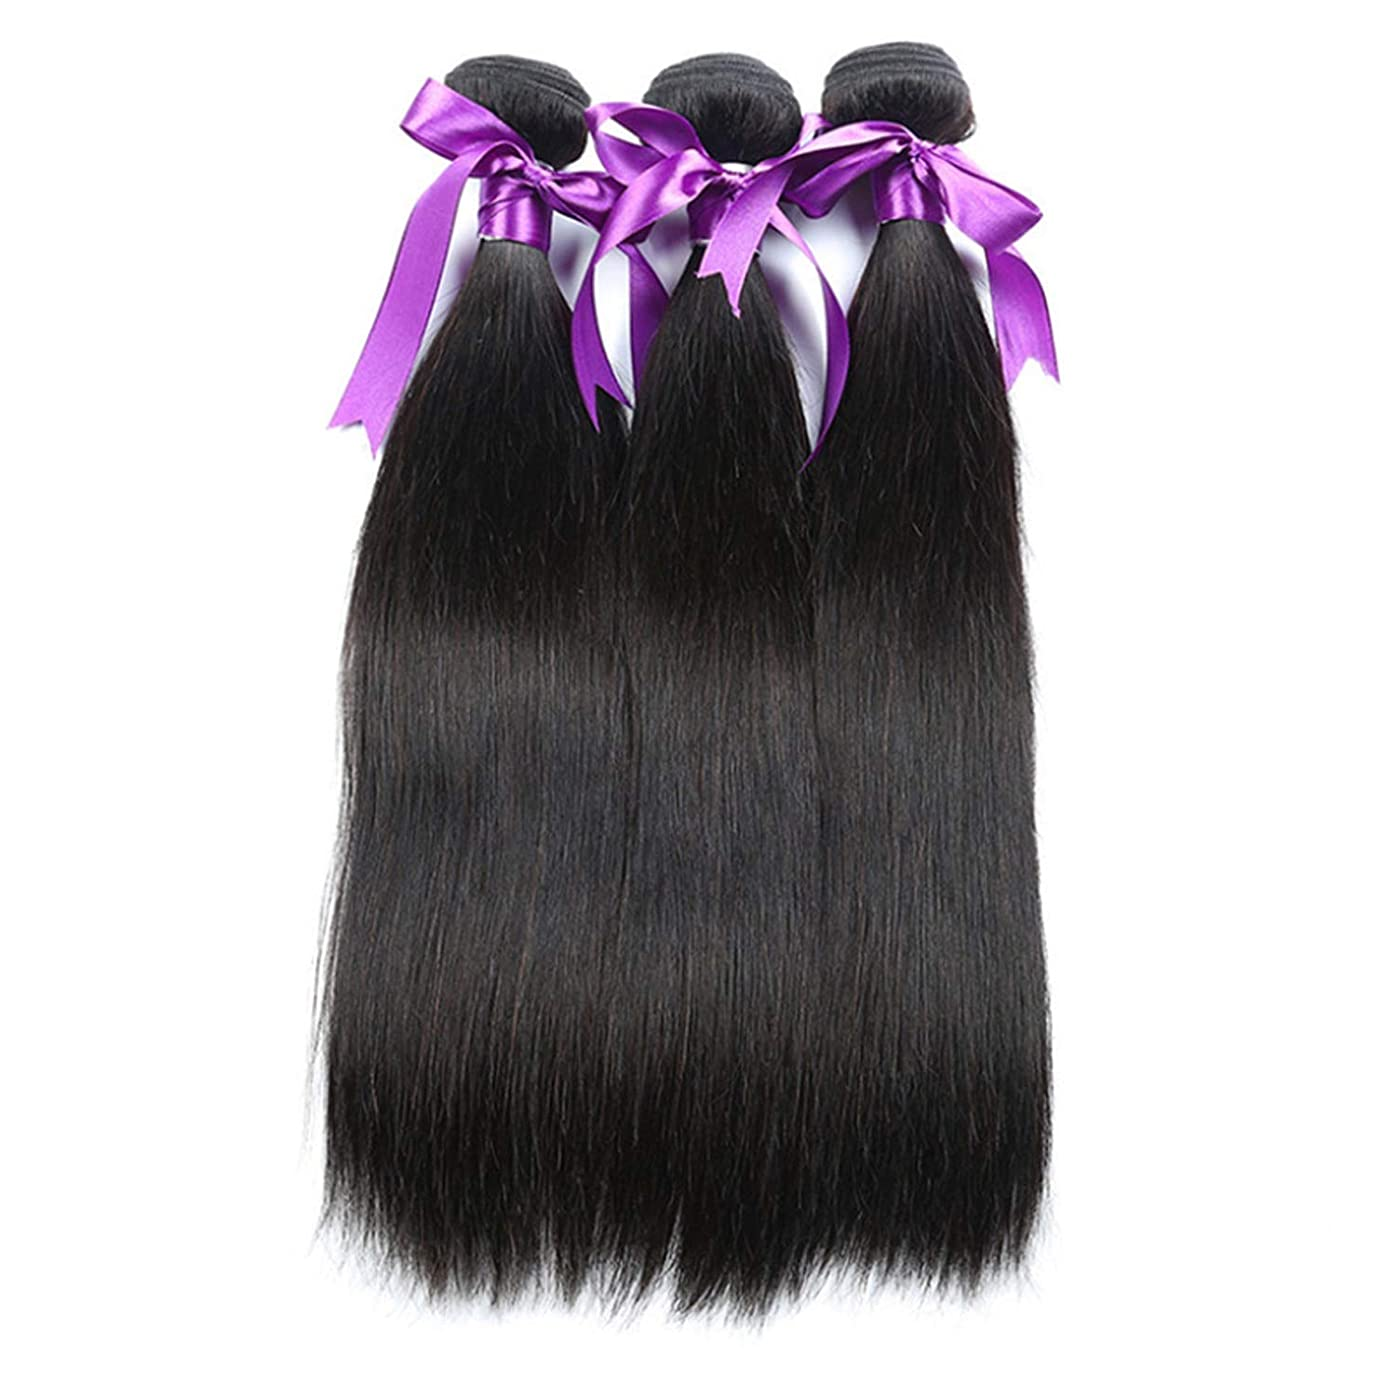 飲料ネスト後世かつら ペルーのストレートヘア織り3バンドル/ロット100%人のRemyの髪横糸8-28インチボディヘアエクステンション (Stretched Length : 14 16 18)